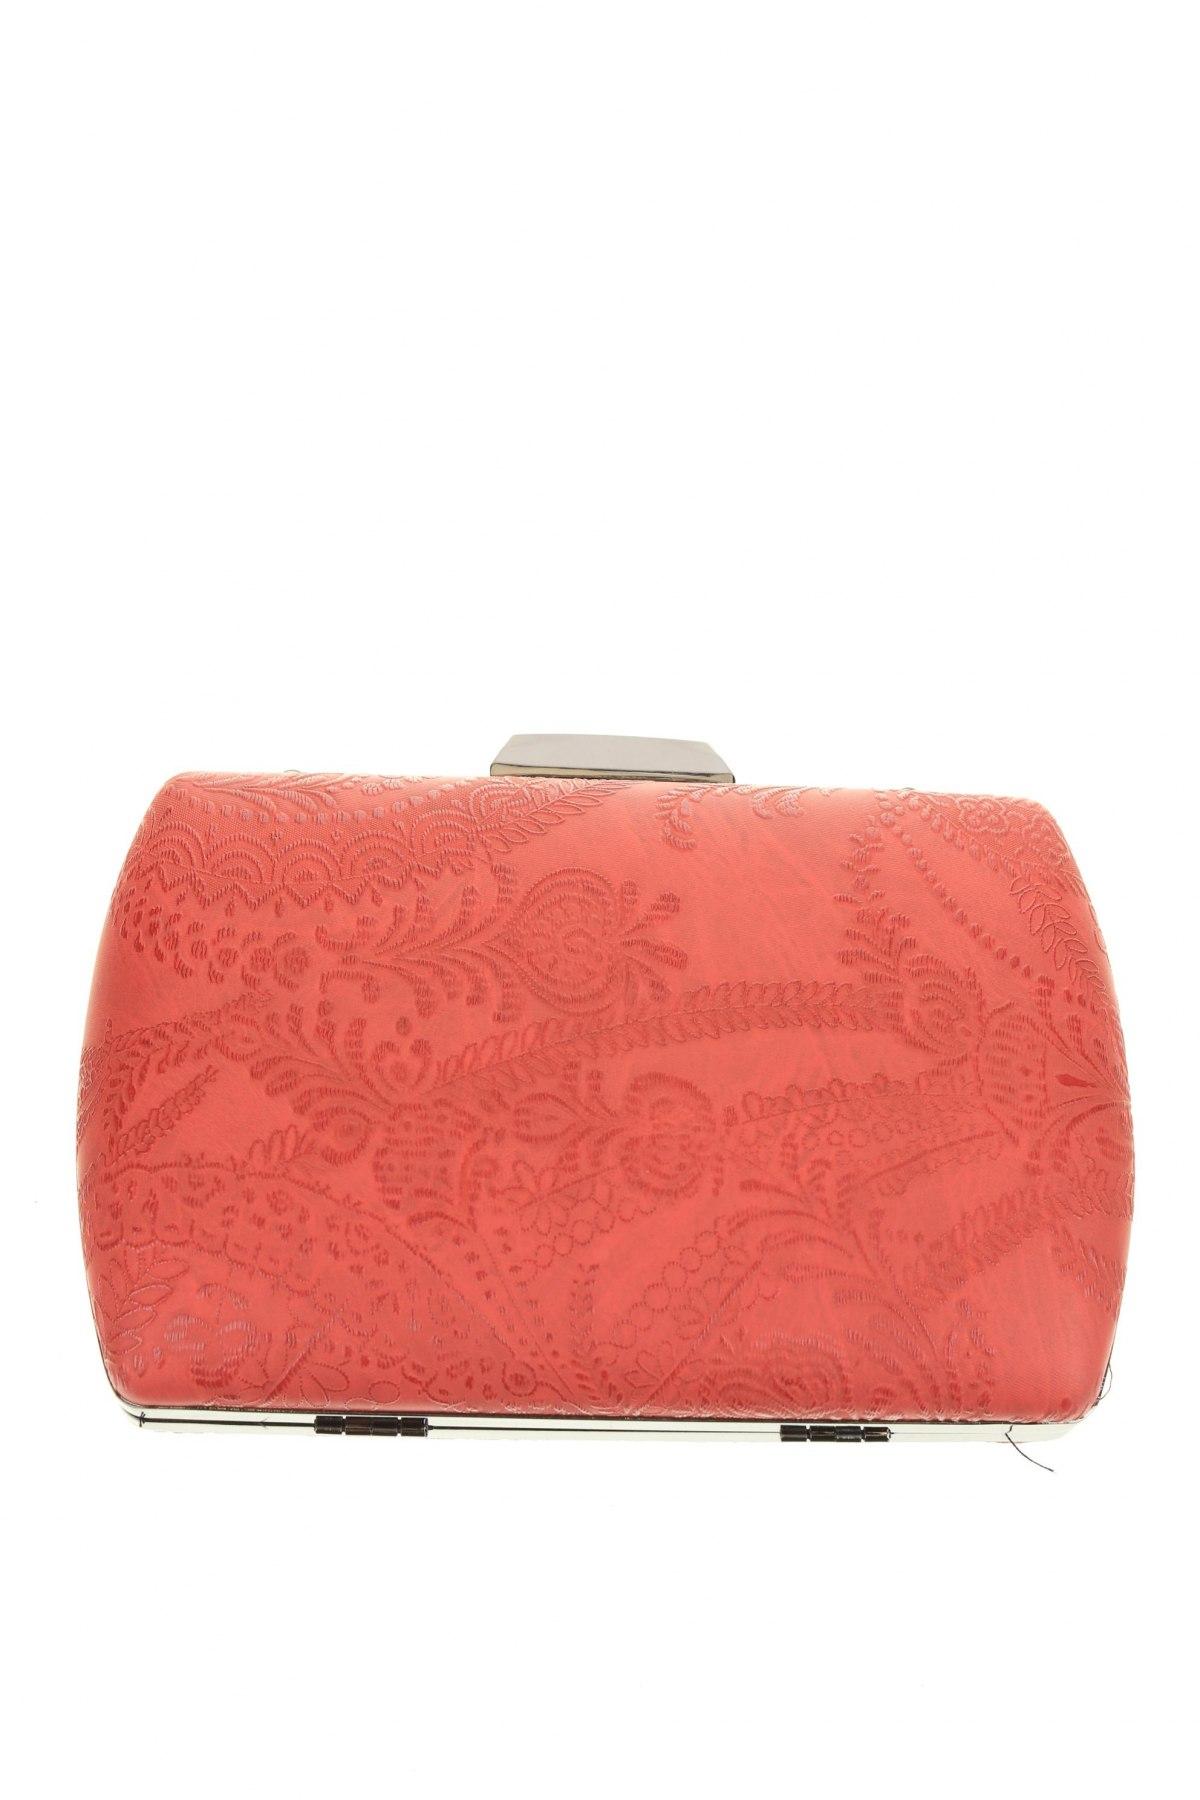 Дамска чанта Verde, Цвят Червен, Еко кожа, Цена 12,98лв.